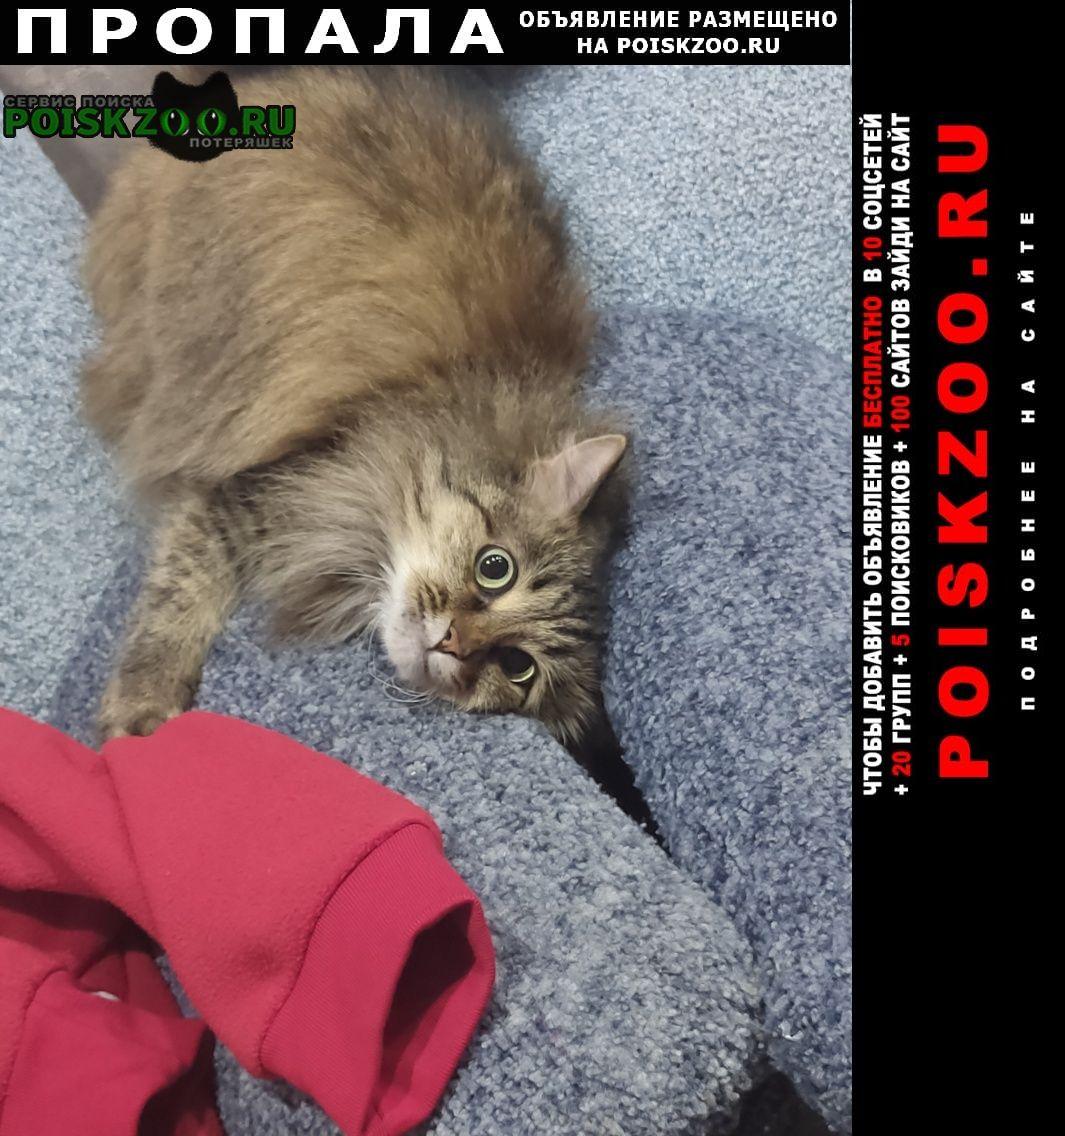 Набережные Челны Пропала кошка